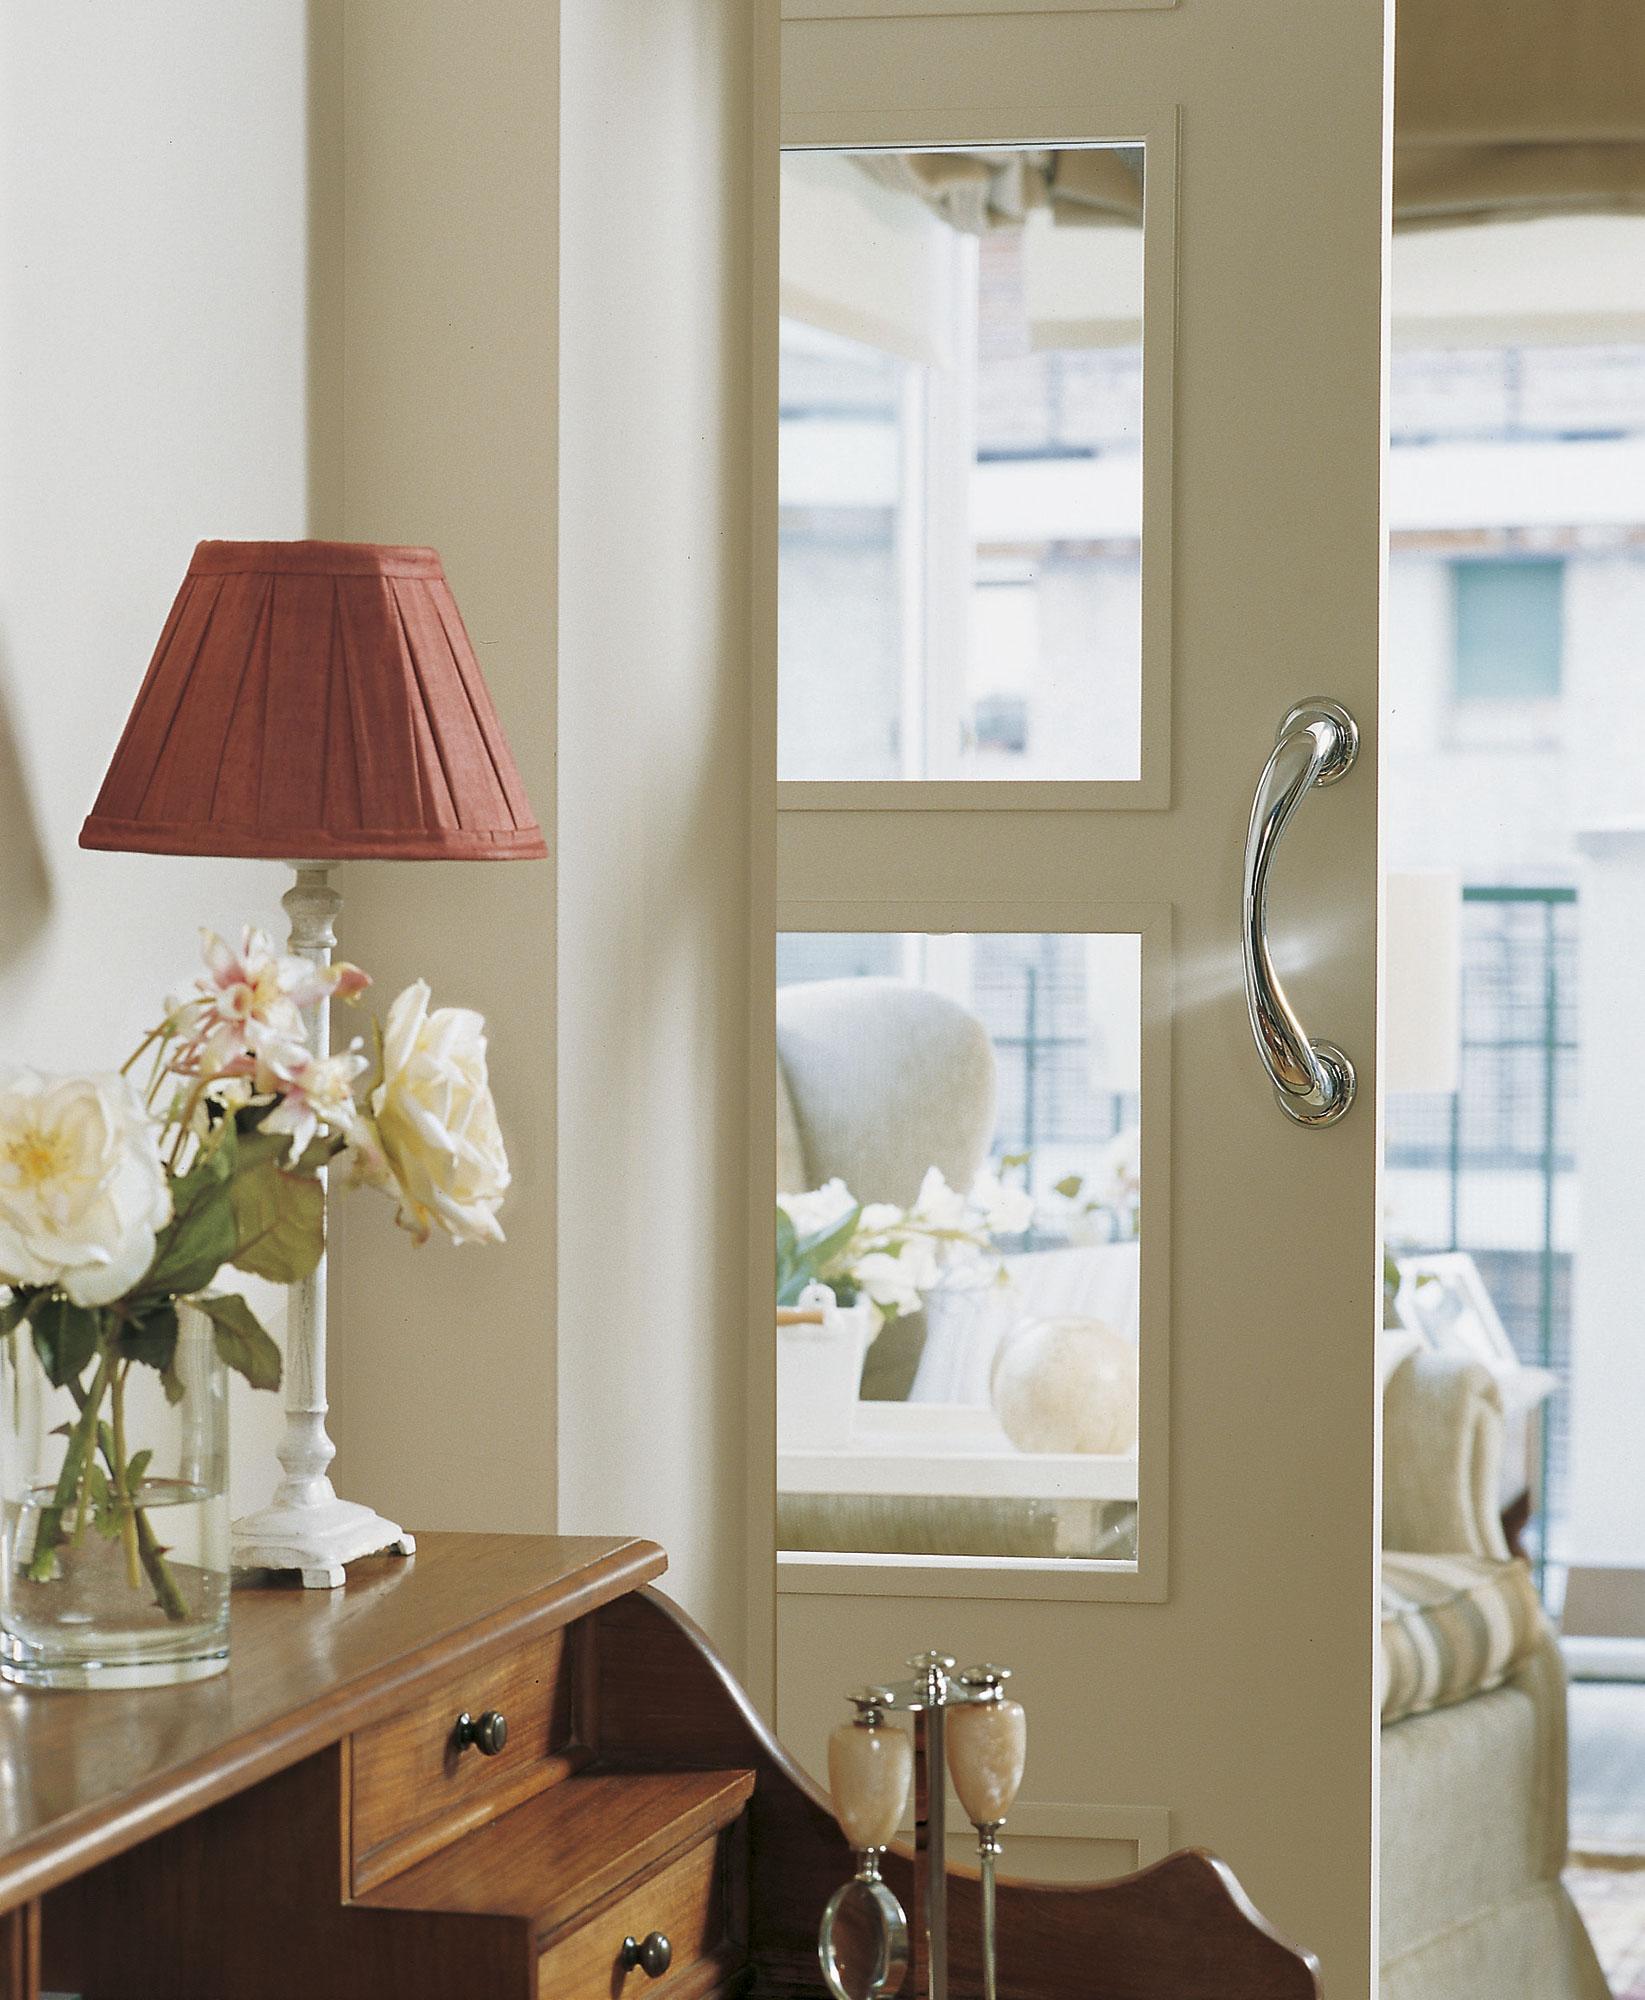 Puertas nuevas sin cambiarlas for Pintar puertas de blanco en casa